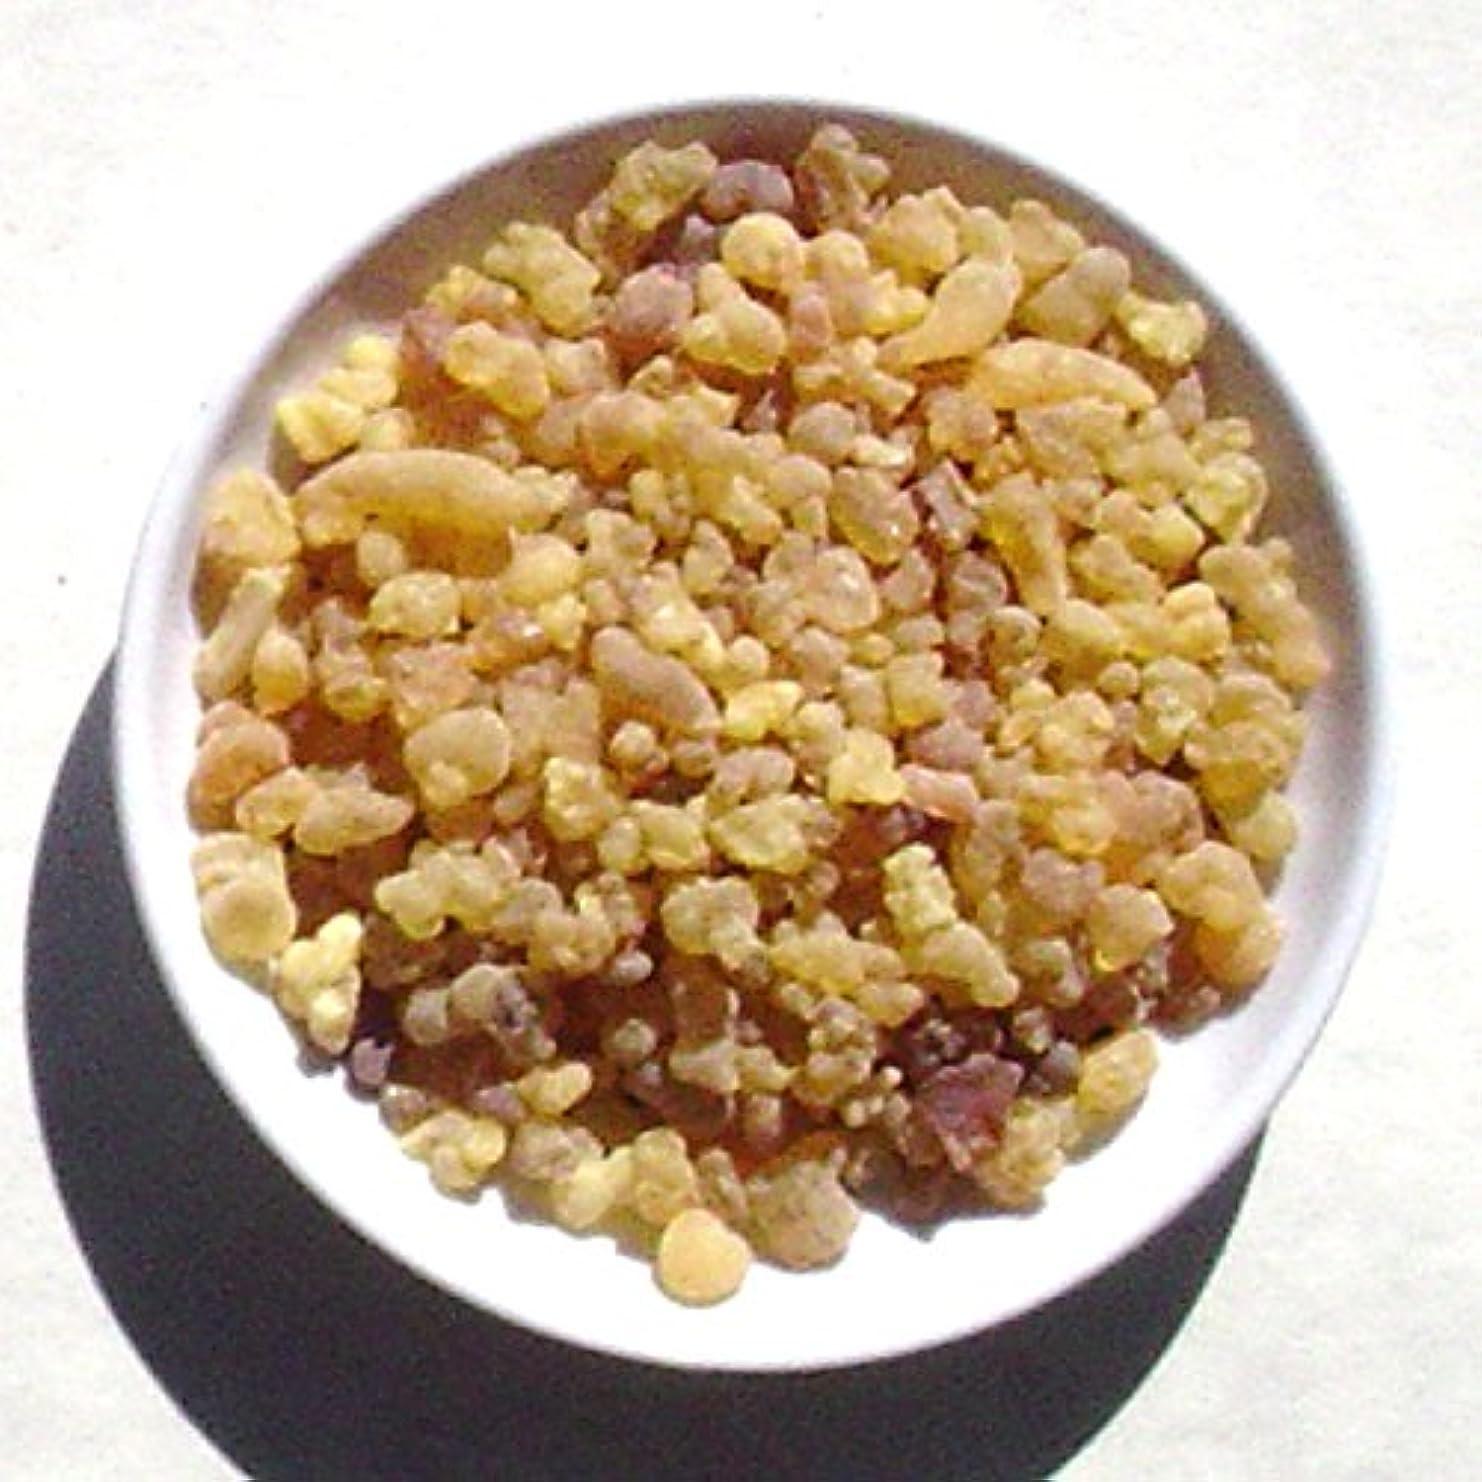 カートリッジブラケットブランドArabian Frankincense – 1ポンド – Traditional Incense (樹脂)バルク